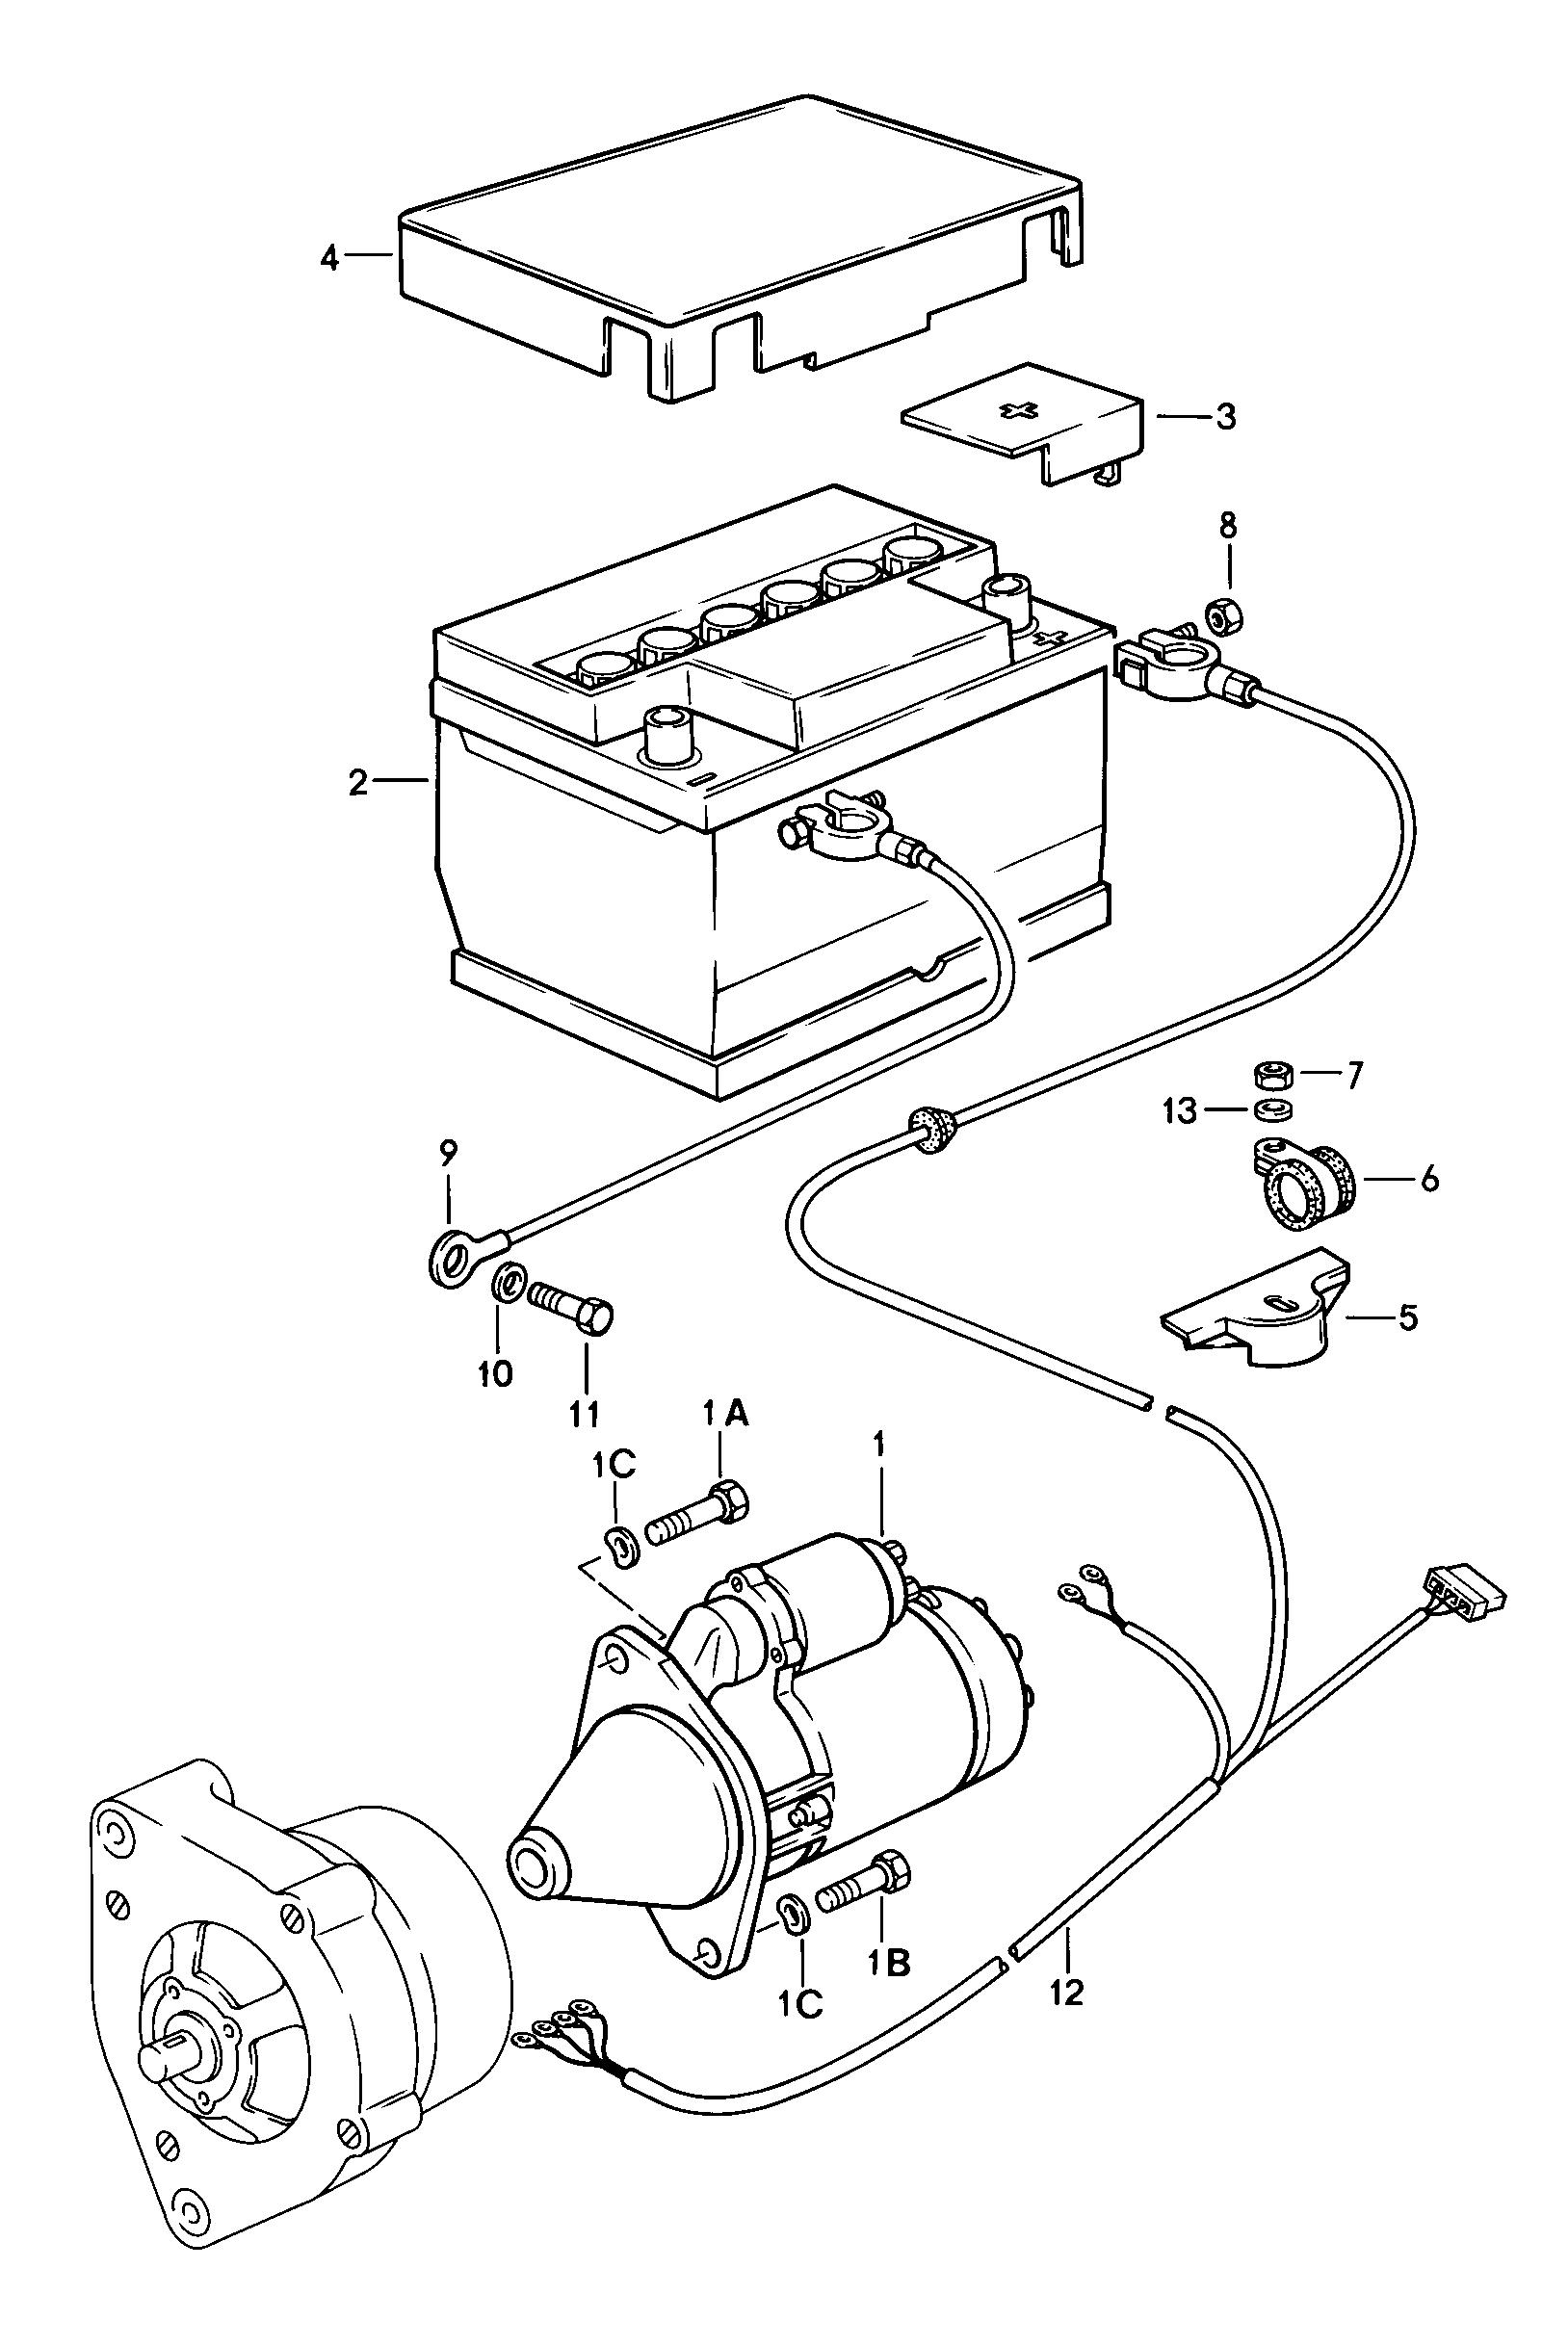 1982 Porsche 928 Starter Wiring Schematic Diagrams Start Diagram 944 Concept